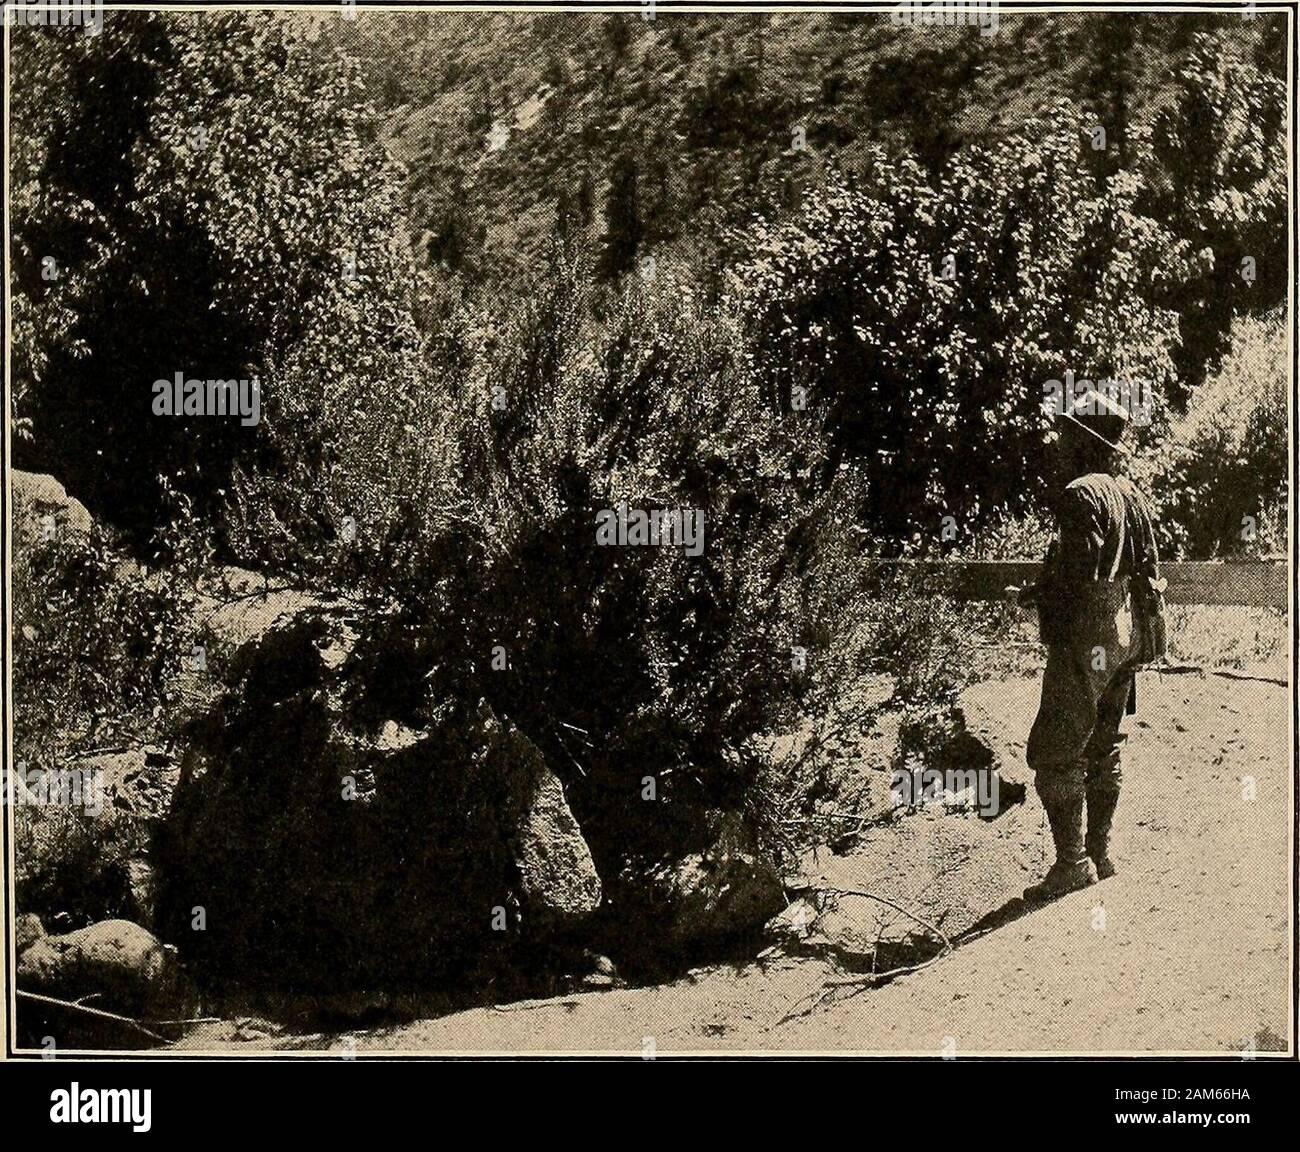 """La etnobotánica de los indios Tewa . A. CAÑÓN DE EL RITO DE LOS FRIJOLES, MOSTRANDO STREAMSIDE bosques y arbustos (cepillo NUMEROUSRABBIT CHRYSOTHAMNUS BIGELOVII) EN PRIMER PLANO EN TALUSSLOPE.. B. PLUMED ARROYO arbusto (FALLUGIA paradoxa) en el cañón del arroyo EN EL RITO DE LOS frijoles. PRMRE-MfRlfreo™*^^] la etnobotánica DE LOS INDIOS TEWA 57 a San Ildefonso las hojas masticadas son puestas en un dolor o hinchazón,y en Santa Clara, las raíces son utilizadas como remedio para la diarrea. Pyrjywihi^ Mountain slope(p^*??, la montaña; 7?^""""^/^^, pendiente).Por qué la planta debe ser llamado así no podía explicarse.Laciniaria Foto de stock"""